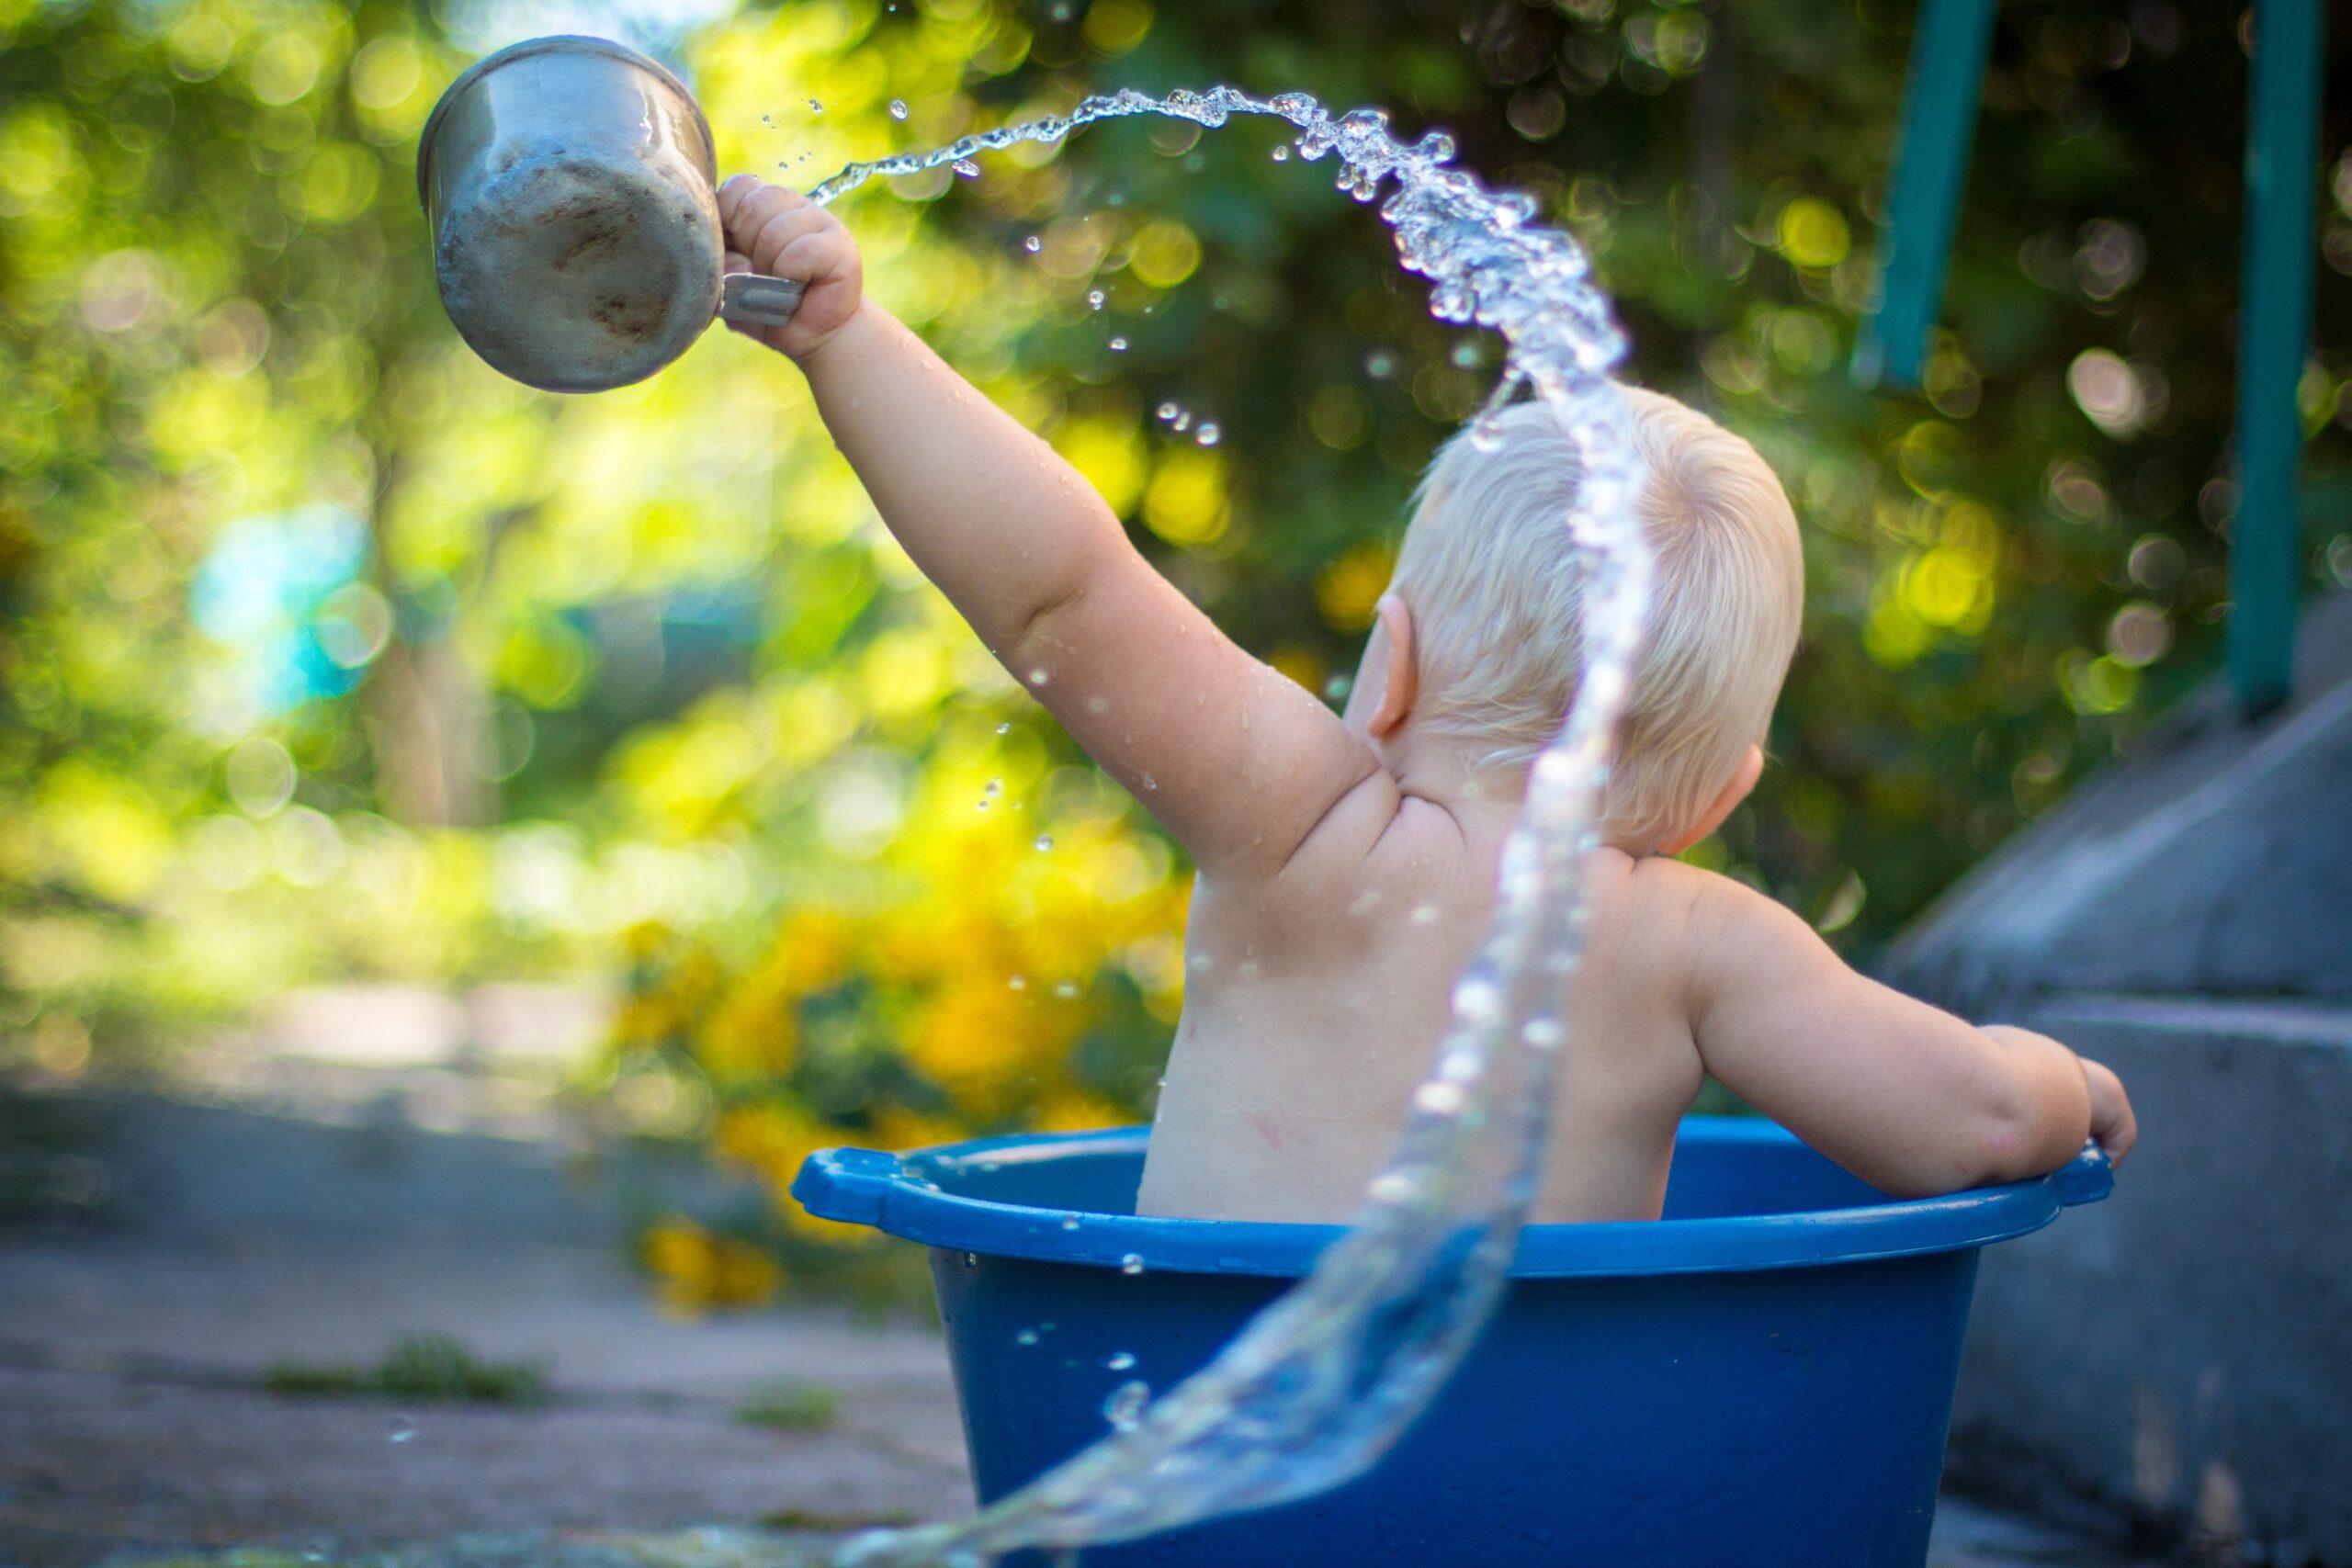 Toddler playing in water